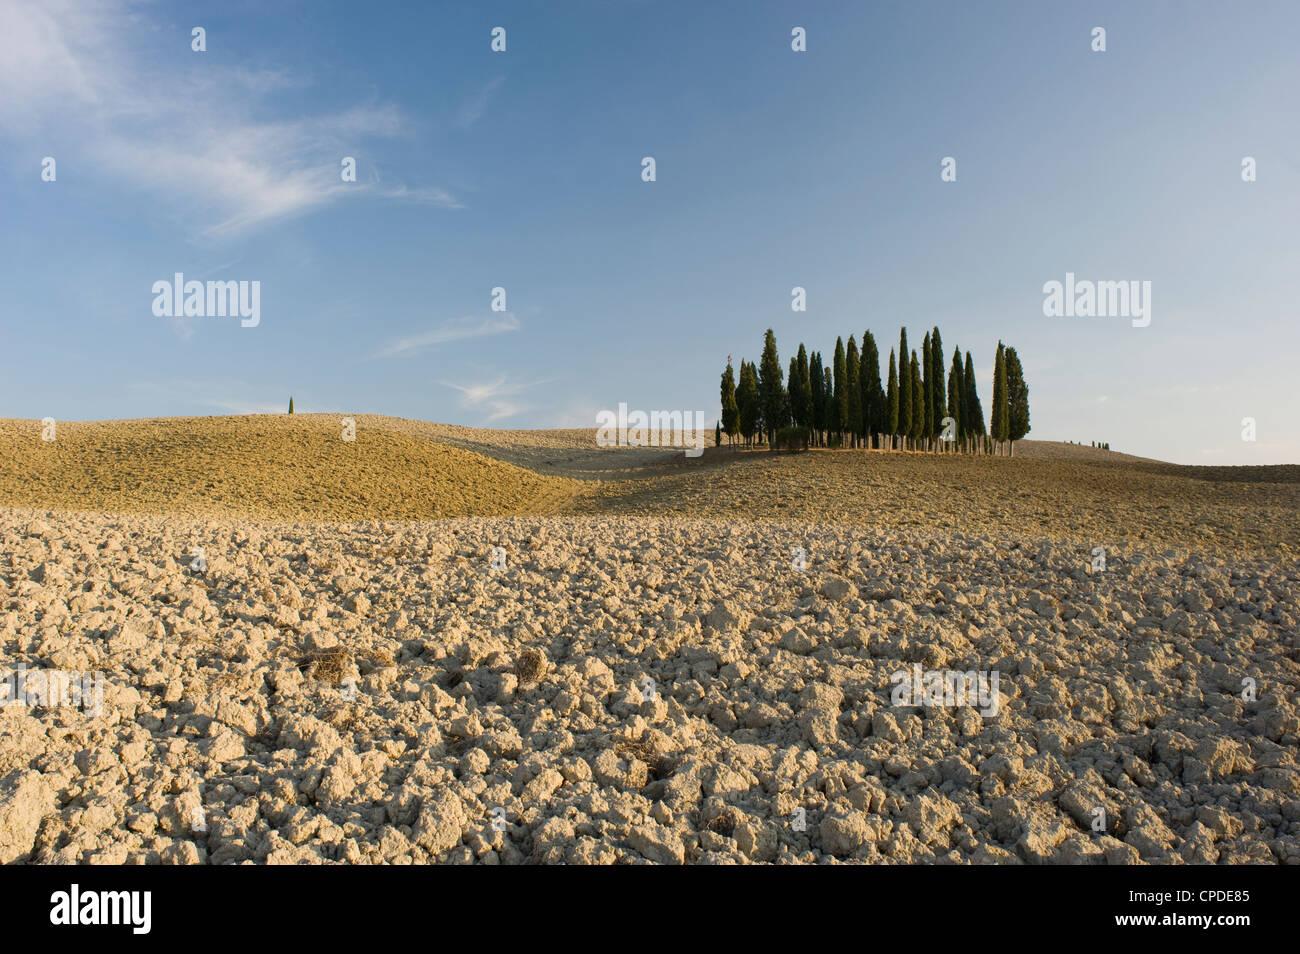 De cyprès sur une colline dans le Val d'Orcia, UNESCO World Heritage Site, Toscane, Italie, Europe Photo Stock